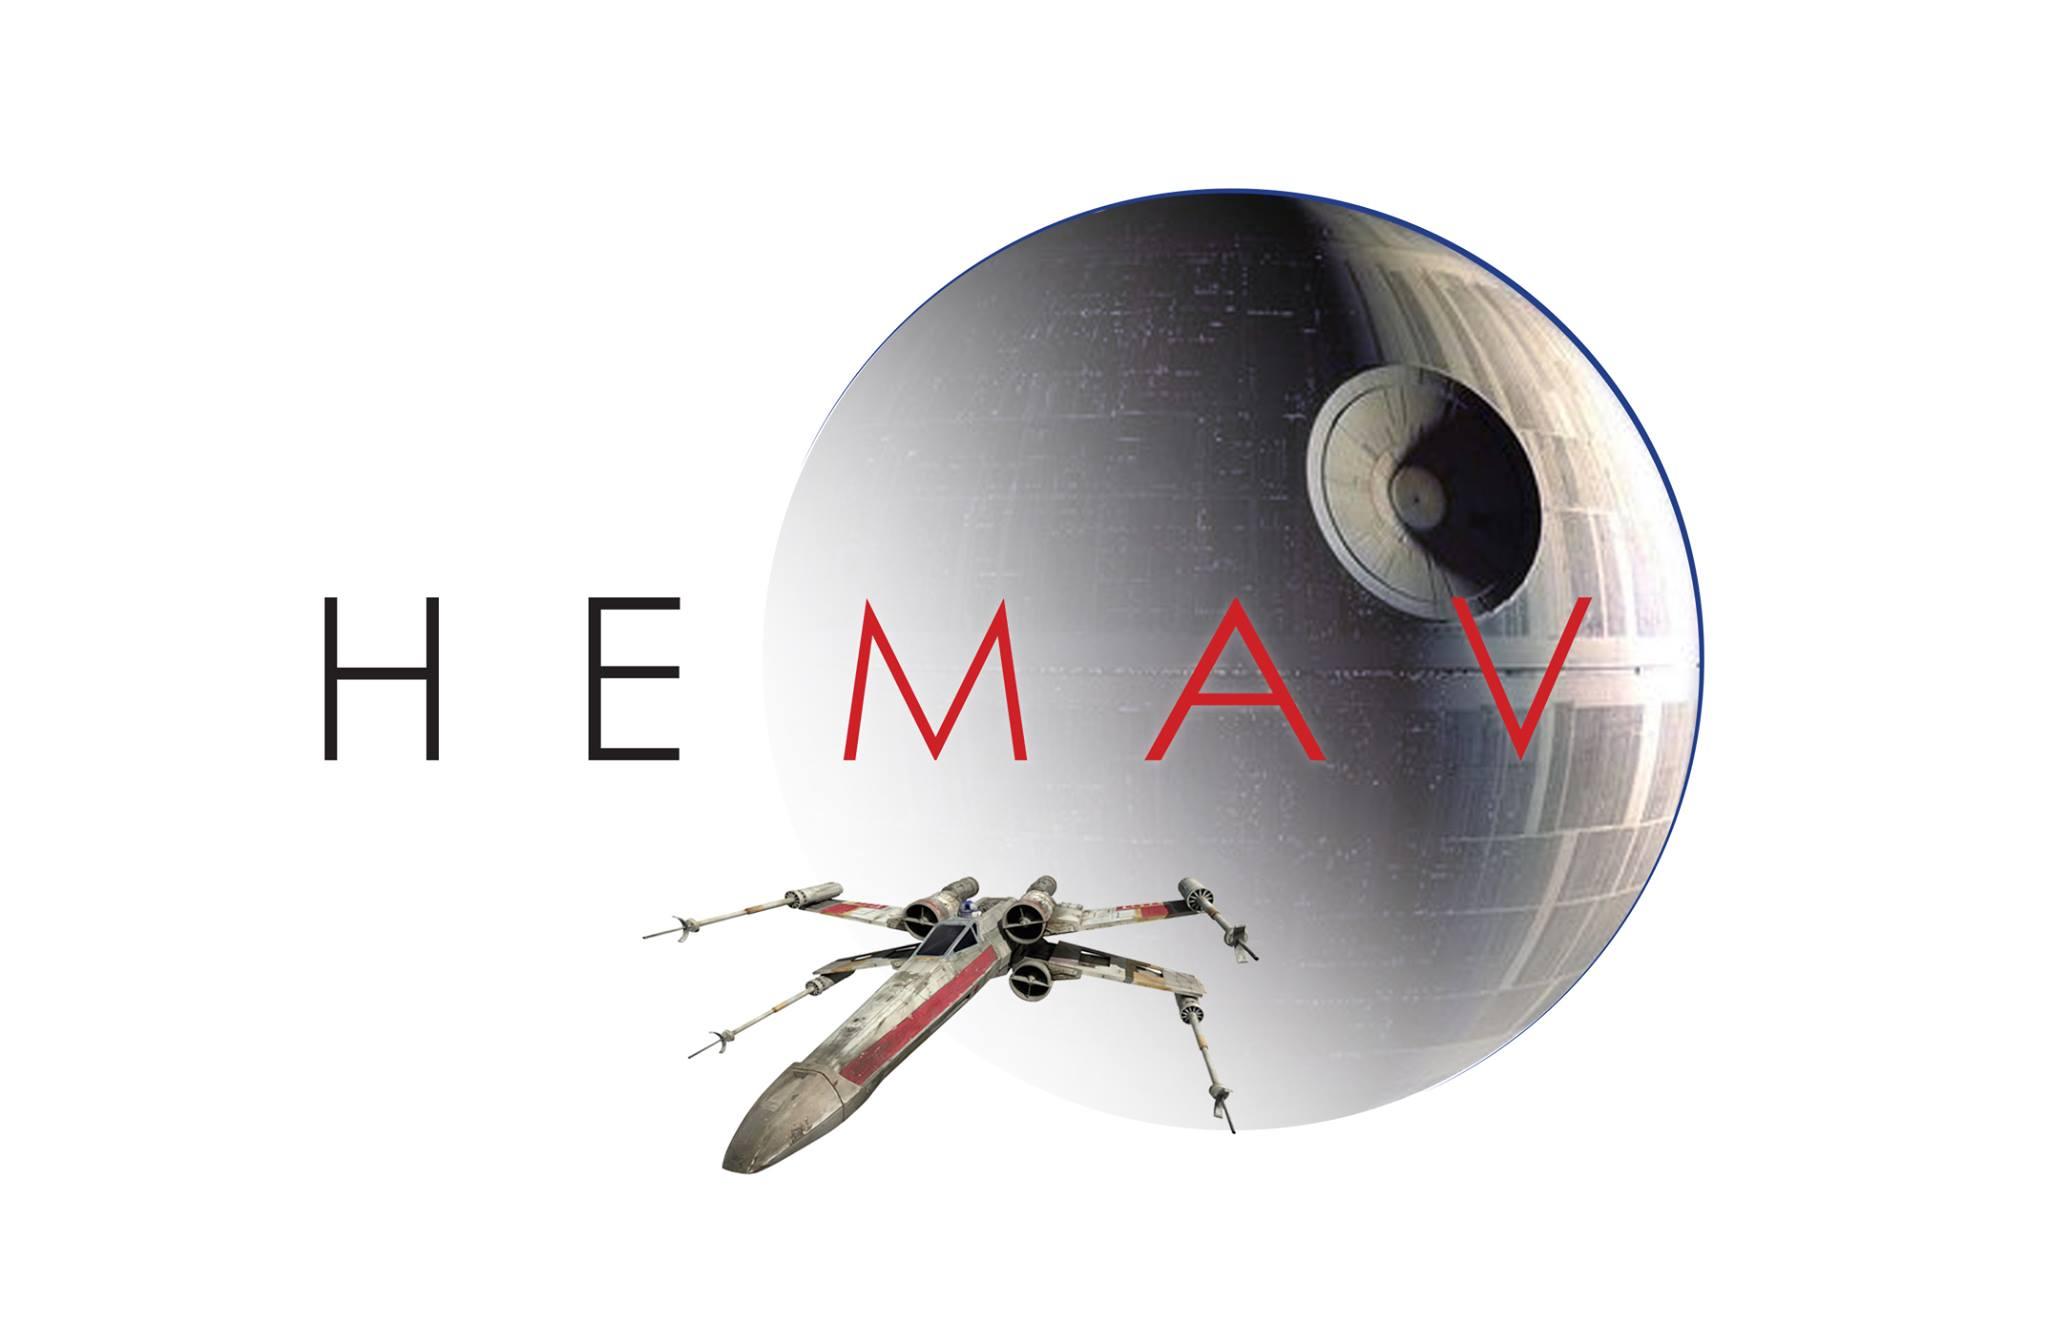 La empresa de mensajería MRW apuesta por realizar envíos con drones